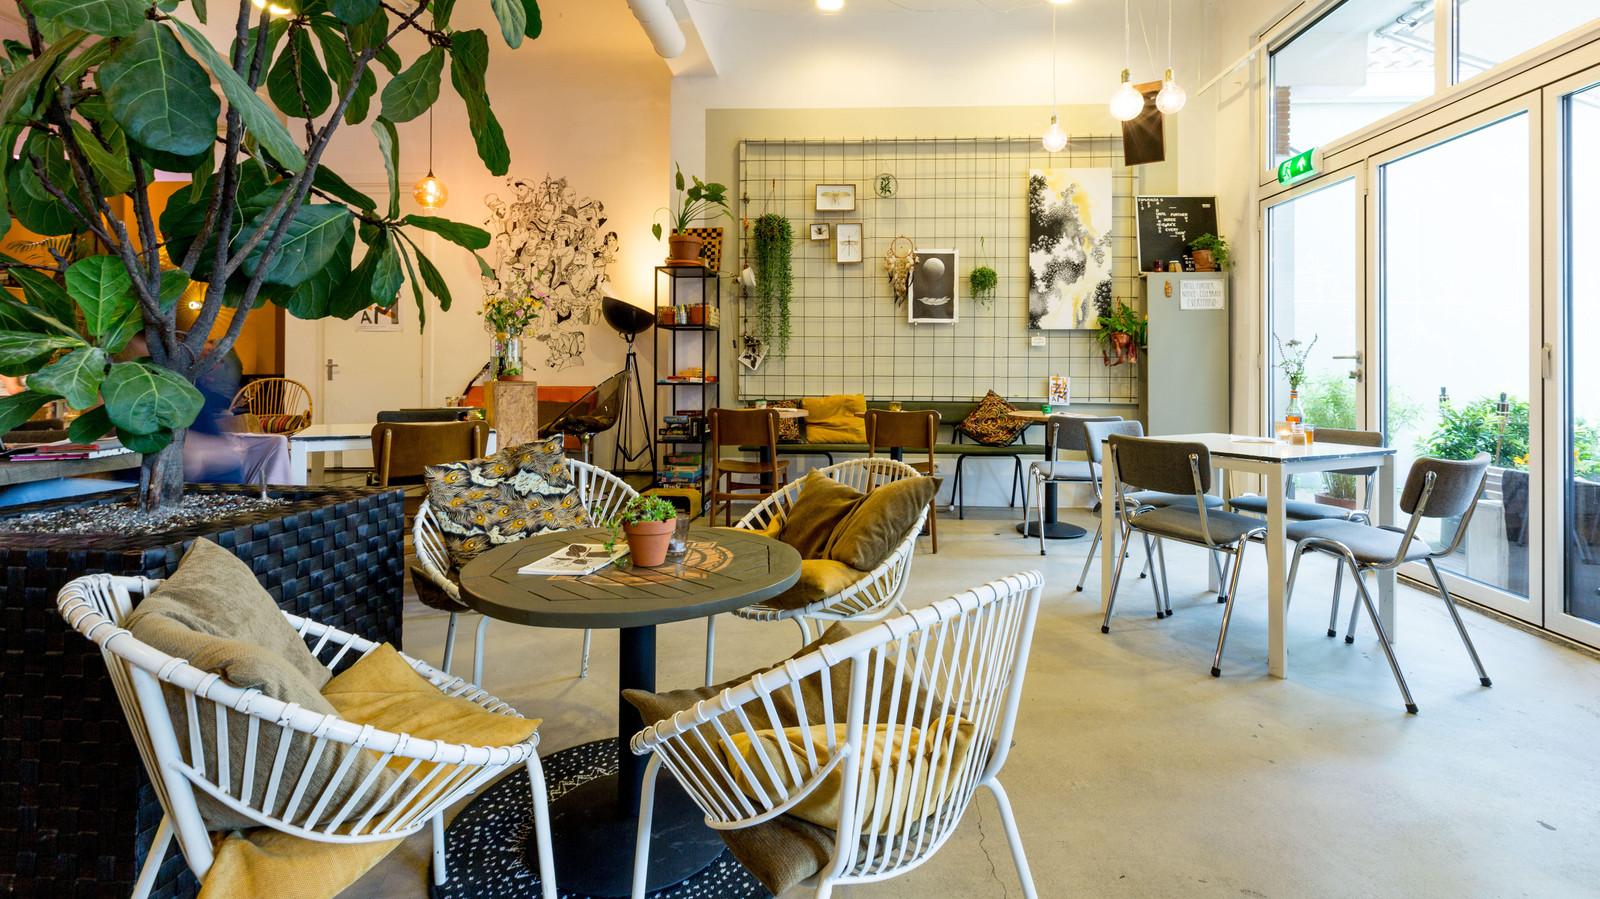 Vegetarisch restaurant Broei scoort erg goed op dierenwelzijn.